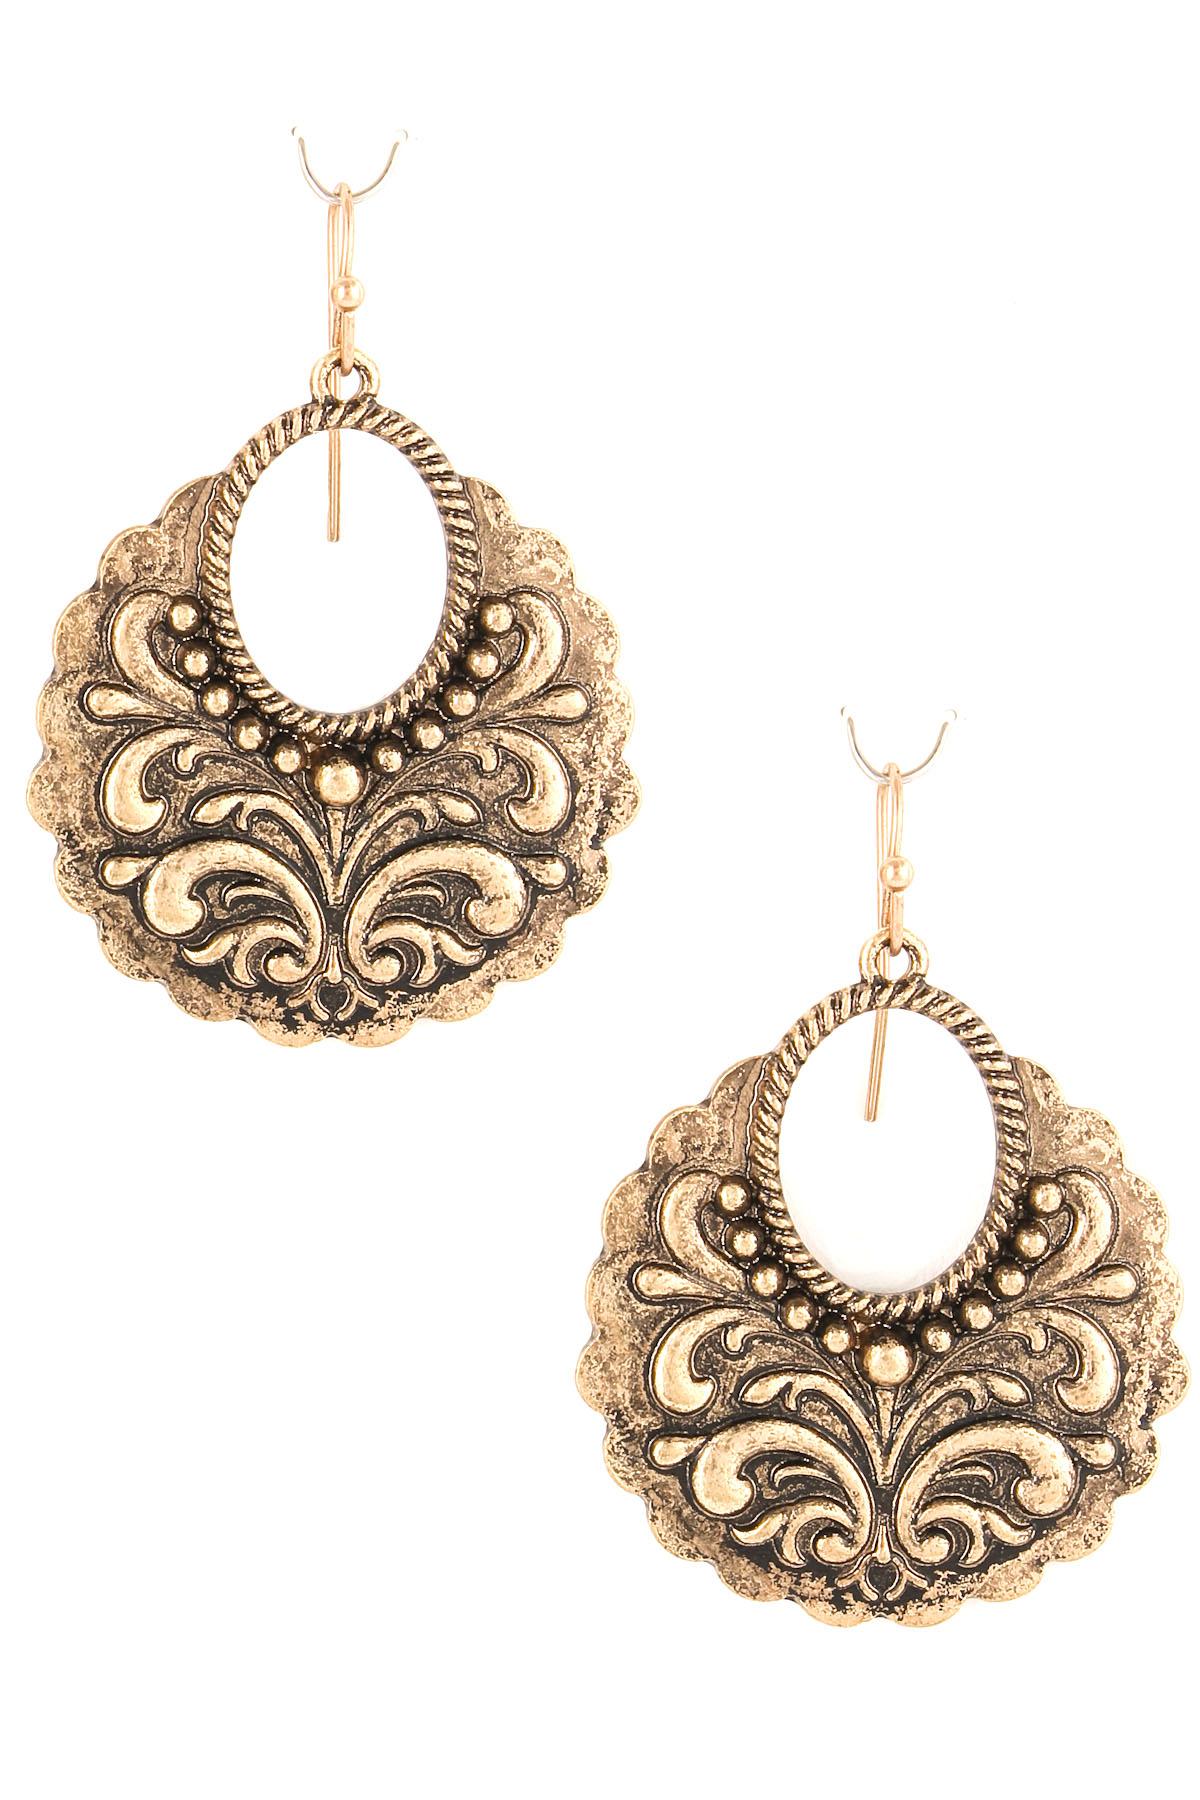 Antique metal filigree drop earrings